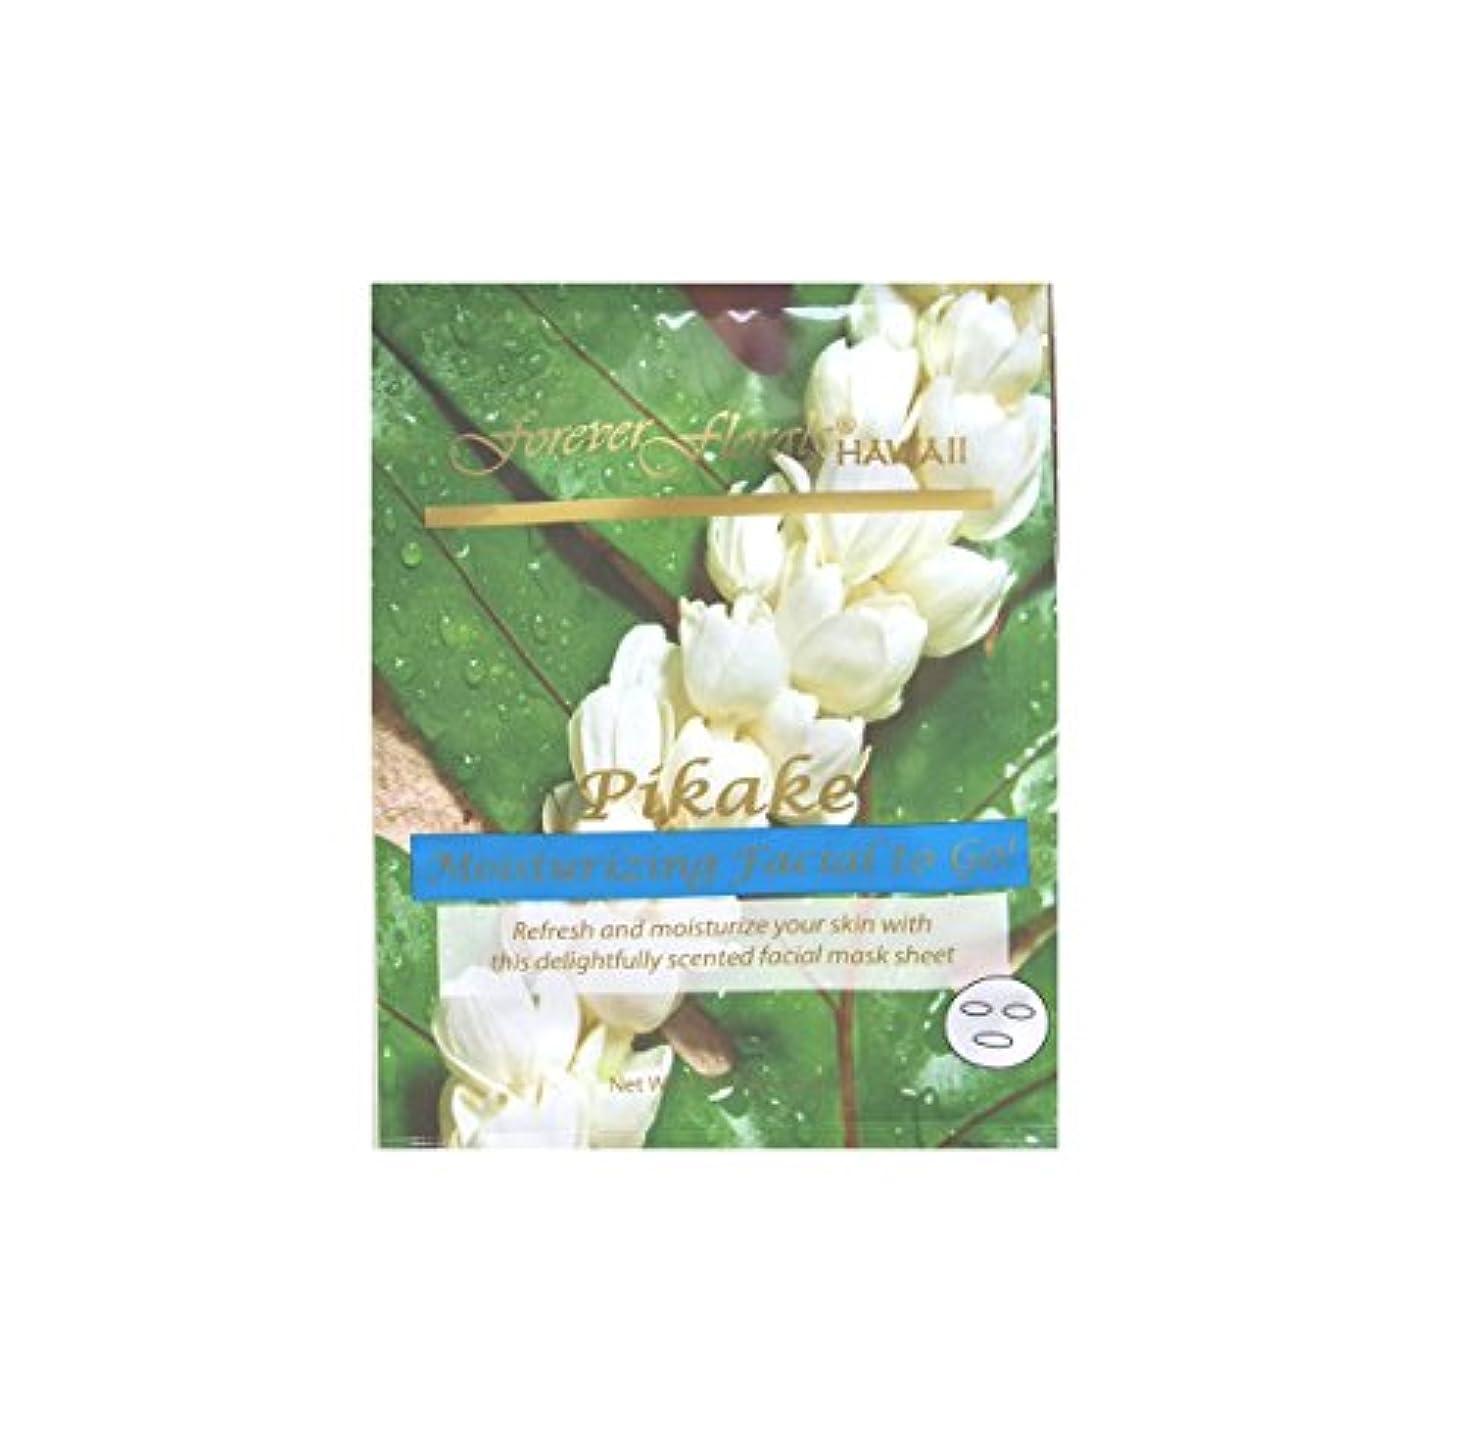 プレフィックスポケットミニフォーエバーフローラルズ フェイスマスク ピカケ 23ml